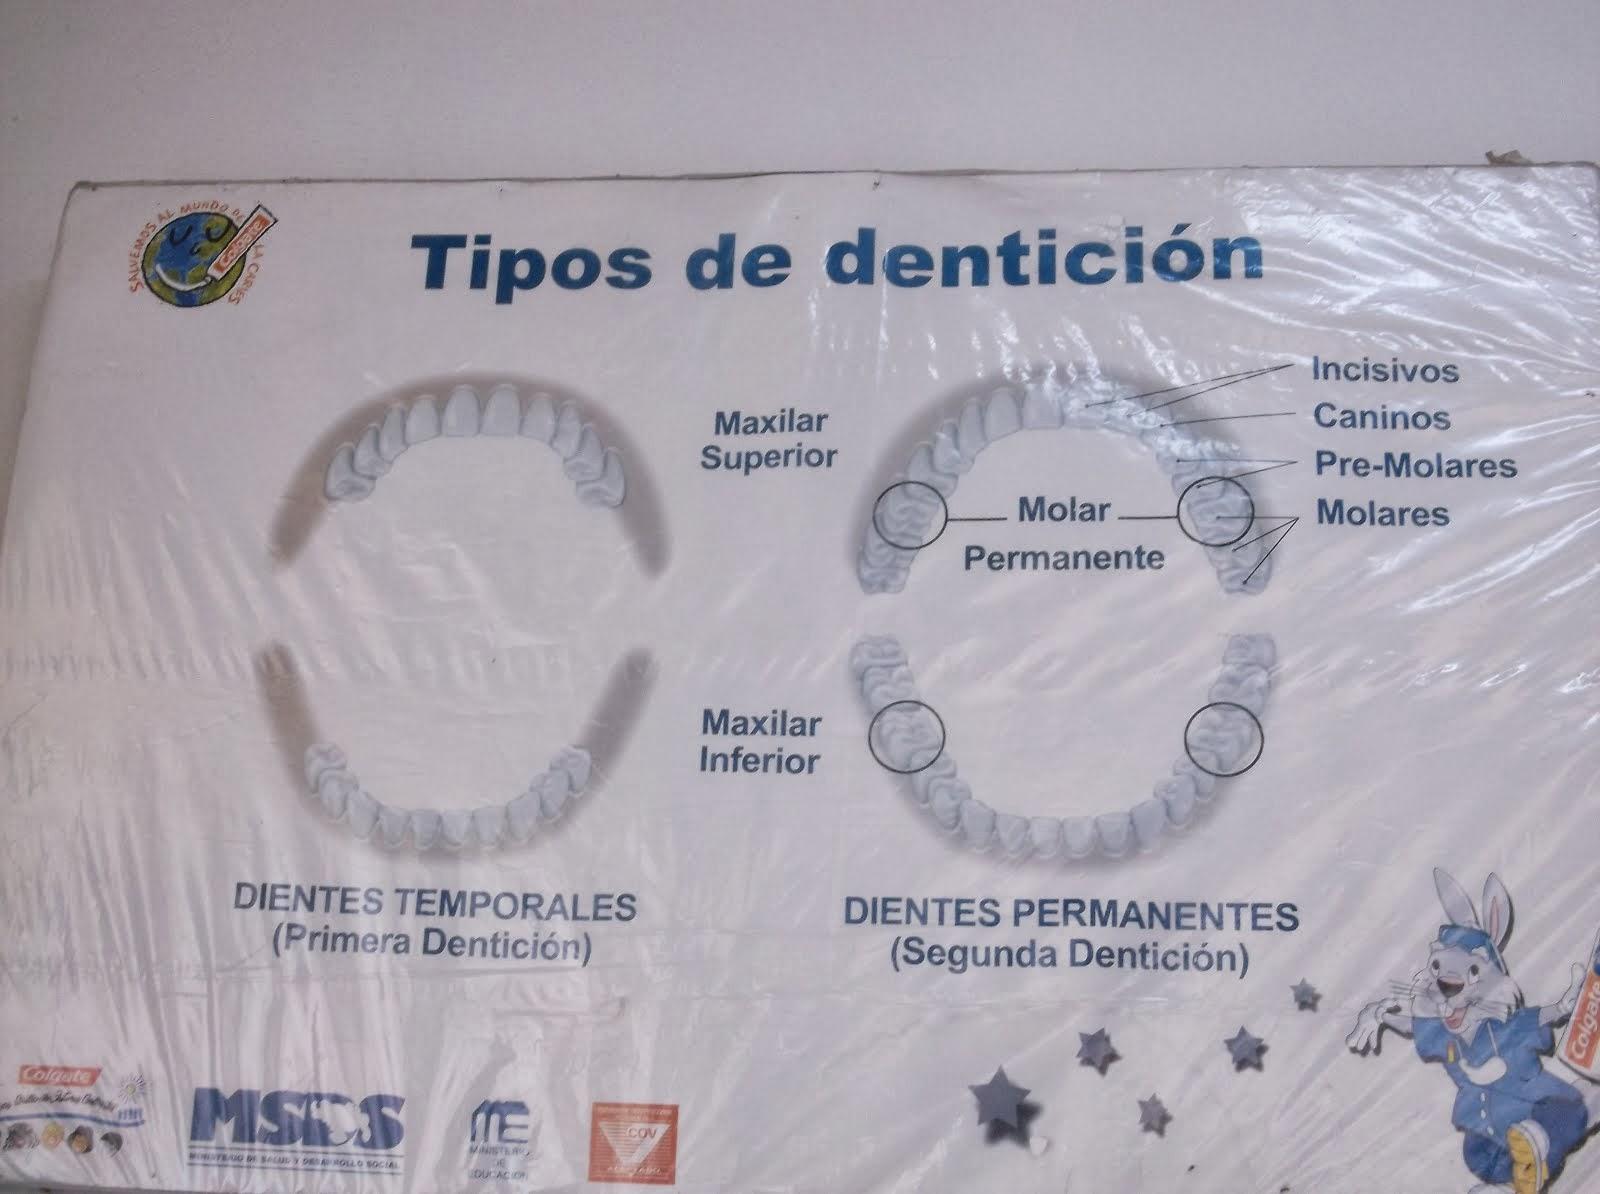 Lámina Para Charlas en la Escuela Ciudad de Acarigua.